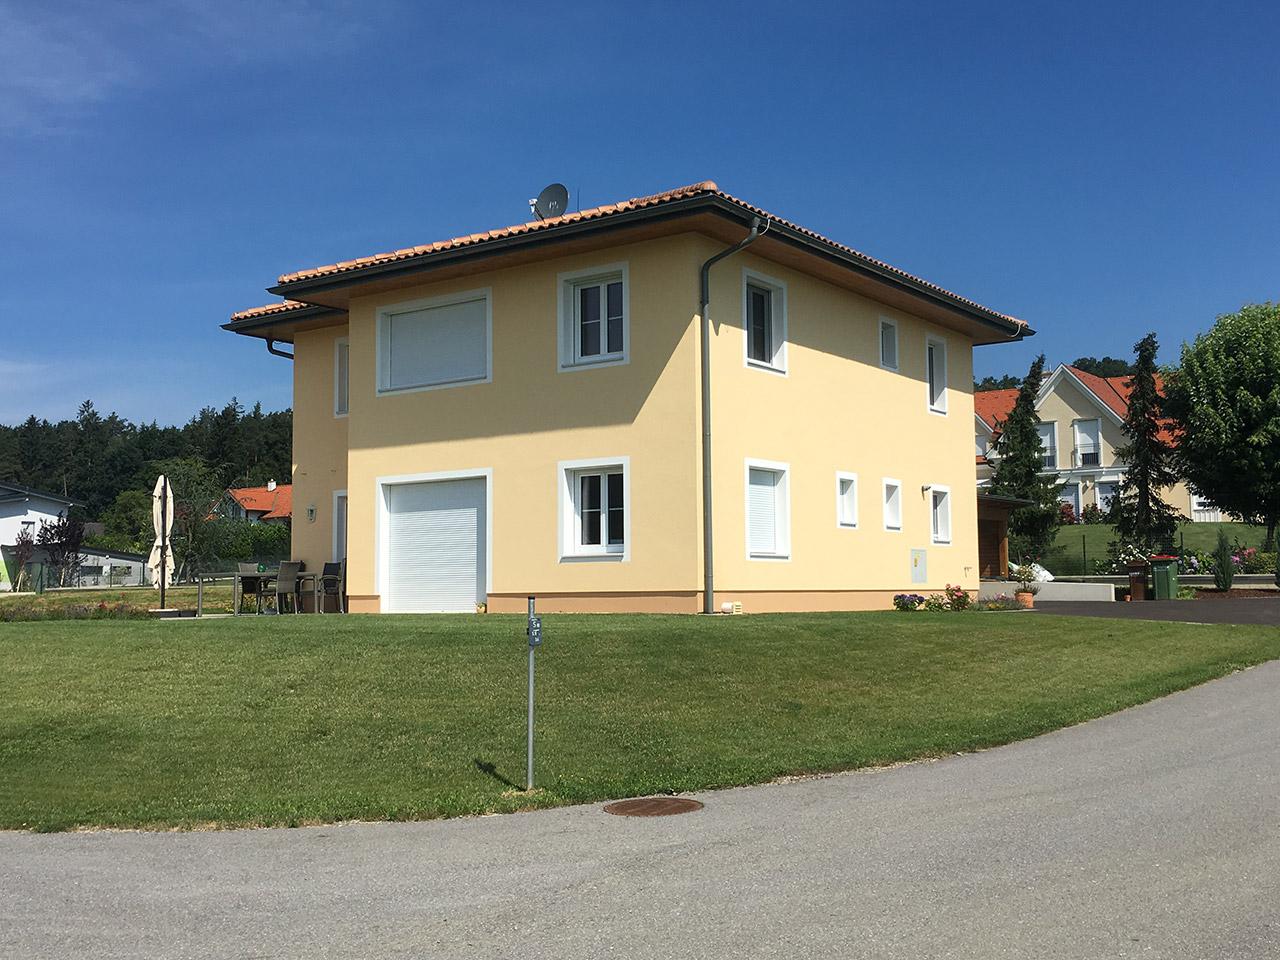 einfamilienhaus-st-margarethen-3